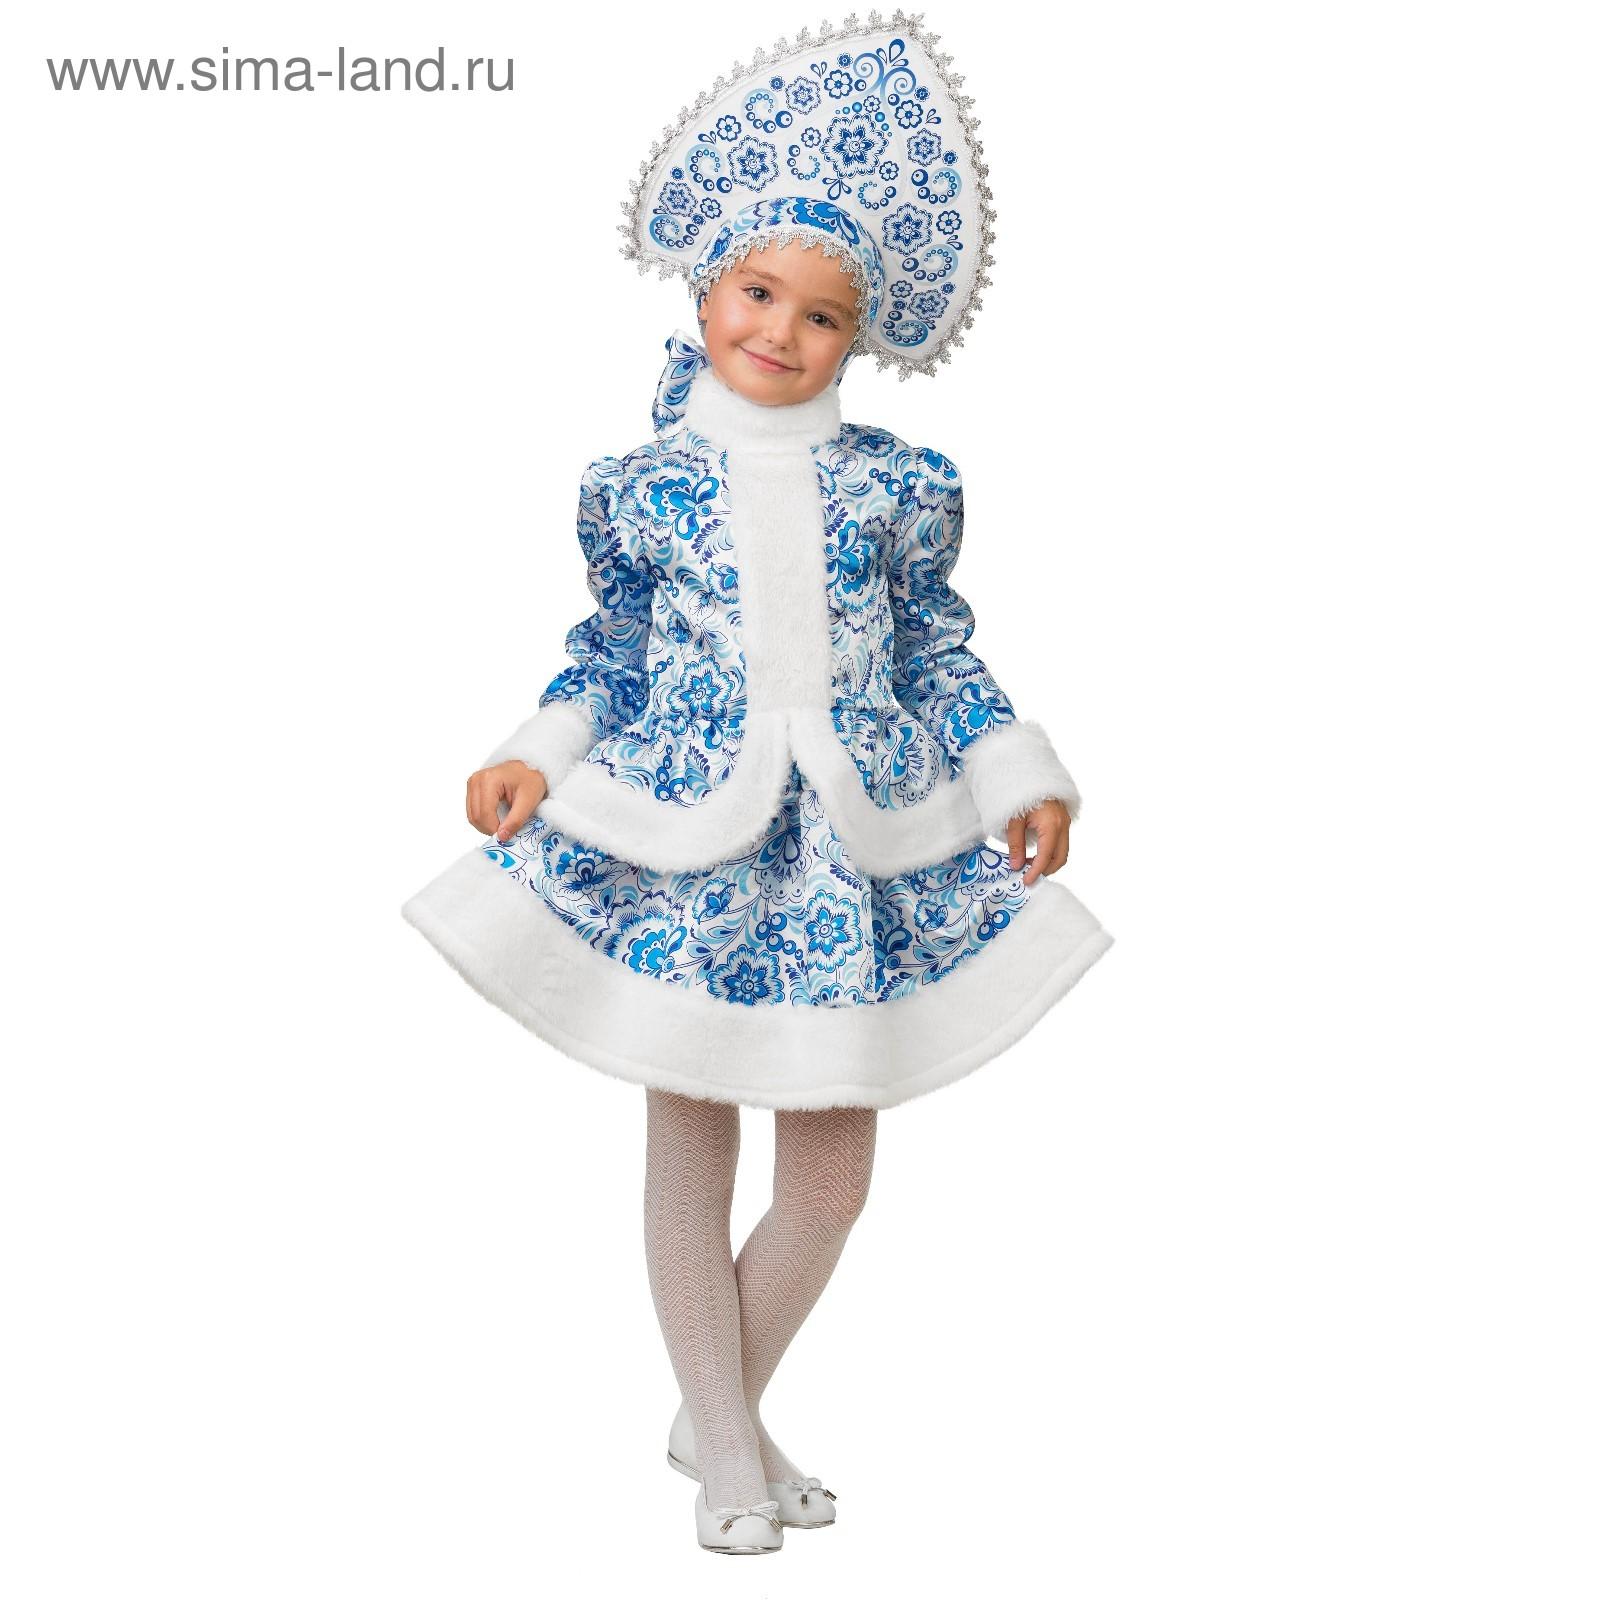 Карнавальный костюм «Снегурочка» 322ca6d6fb32f